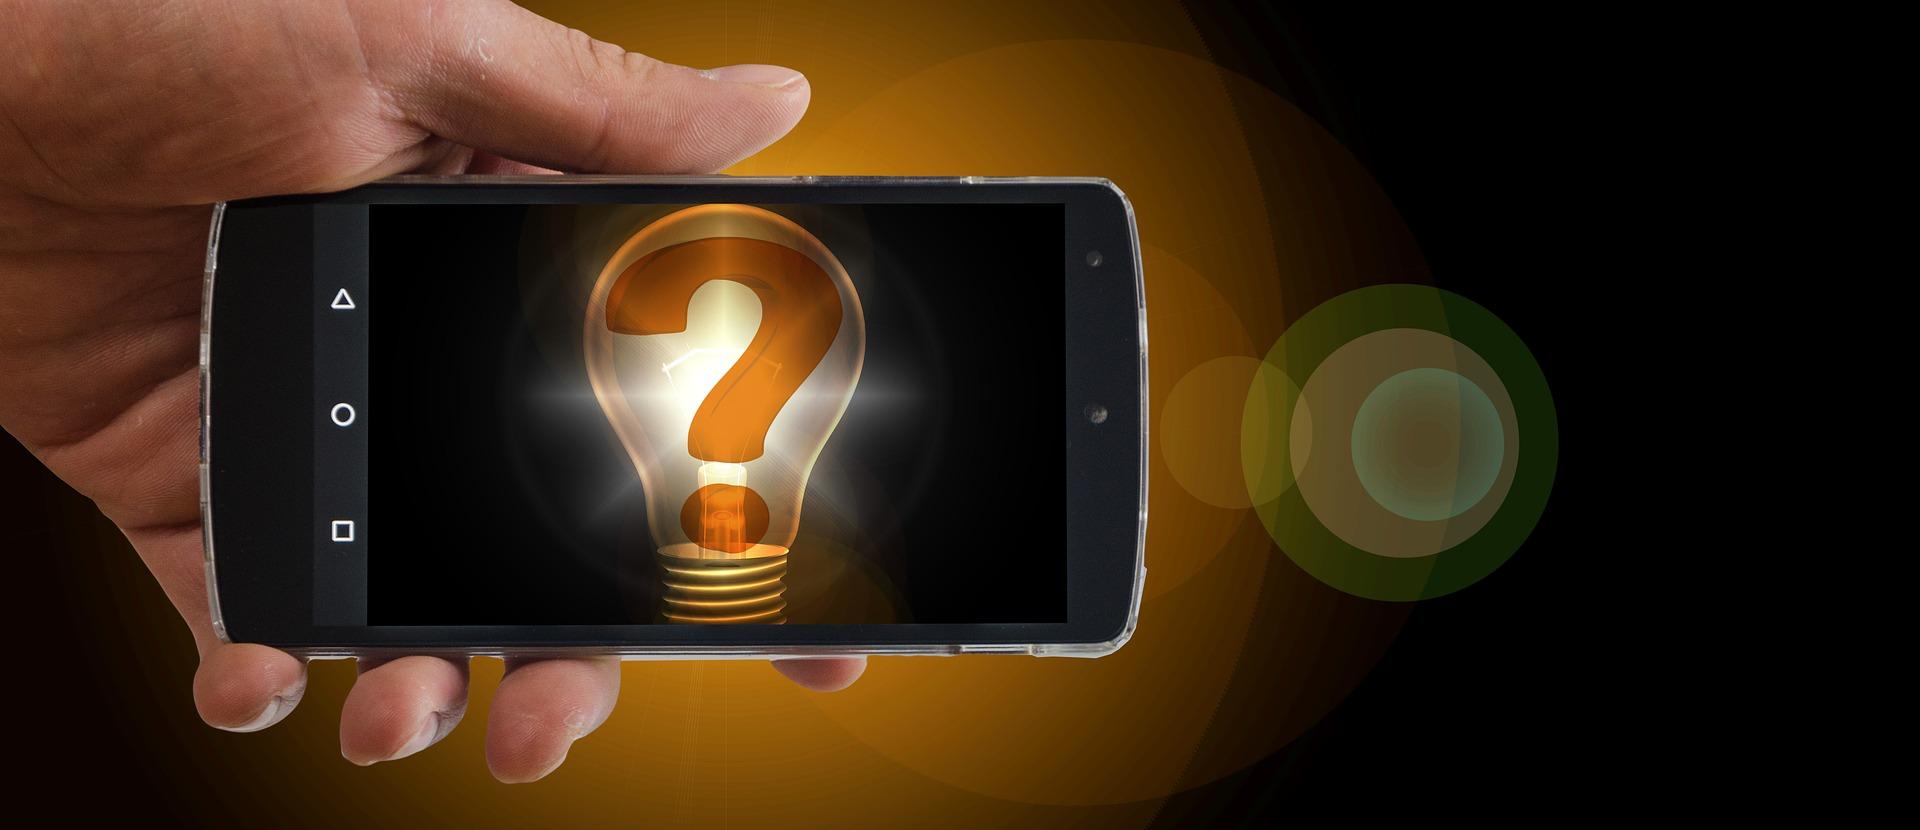 Gedächtnistraining mit Smartphone